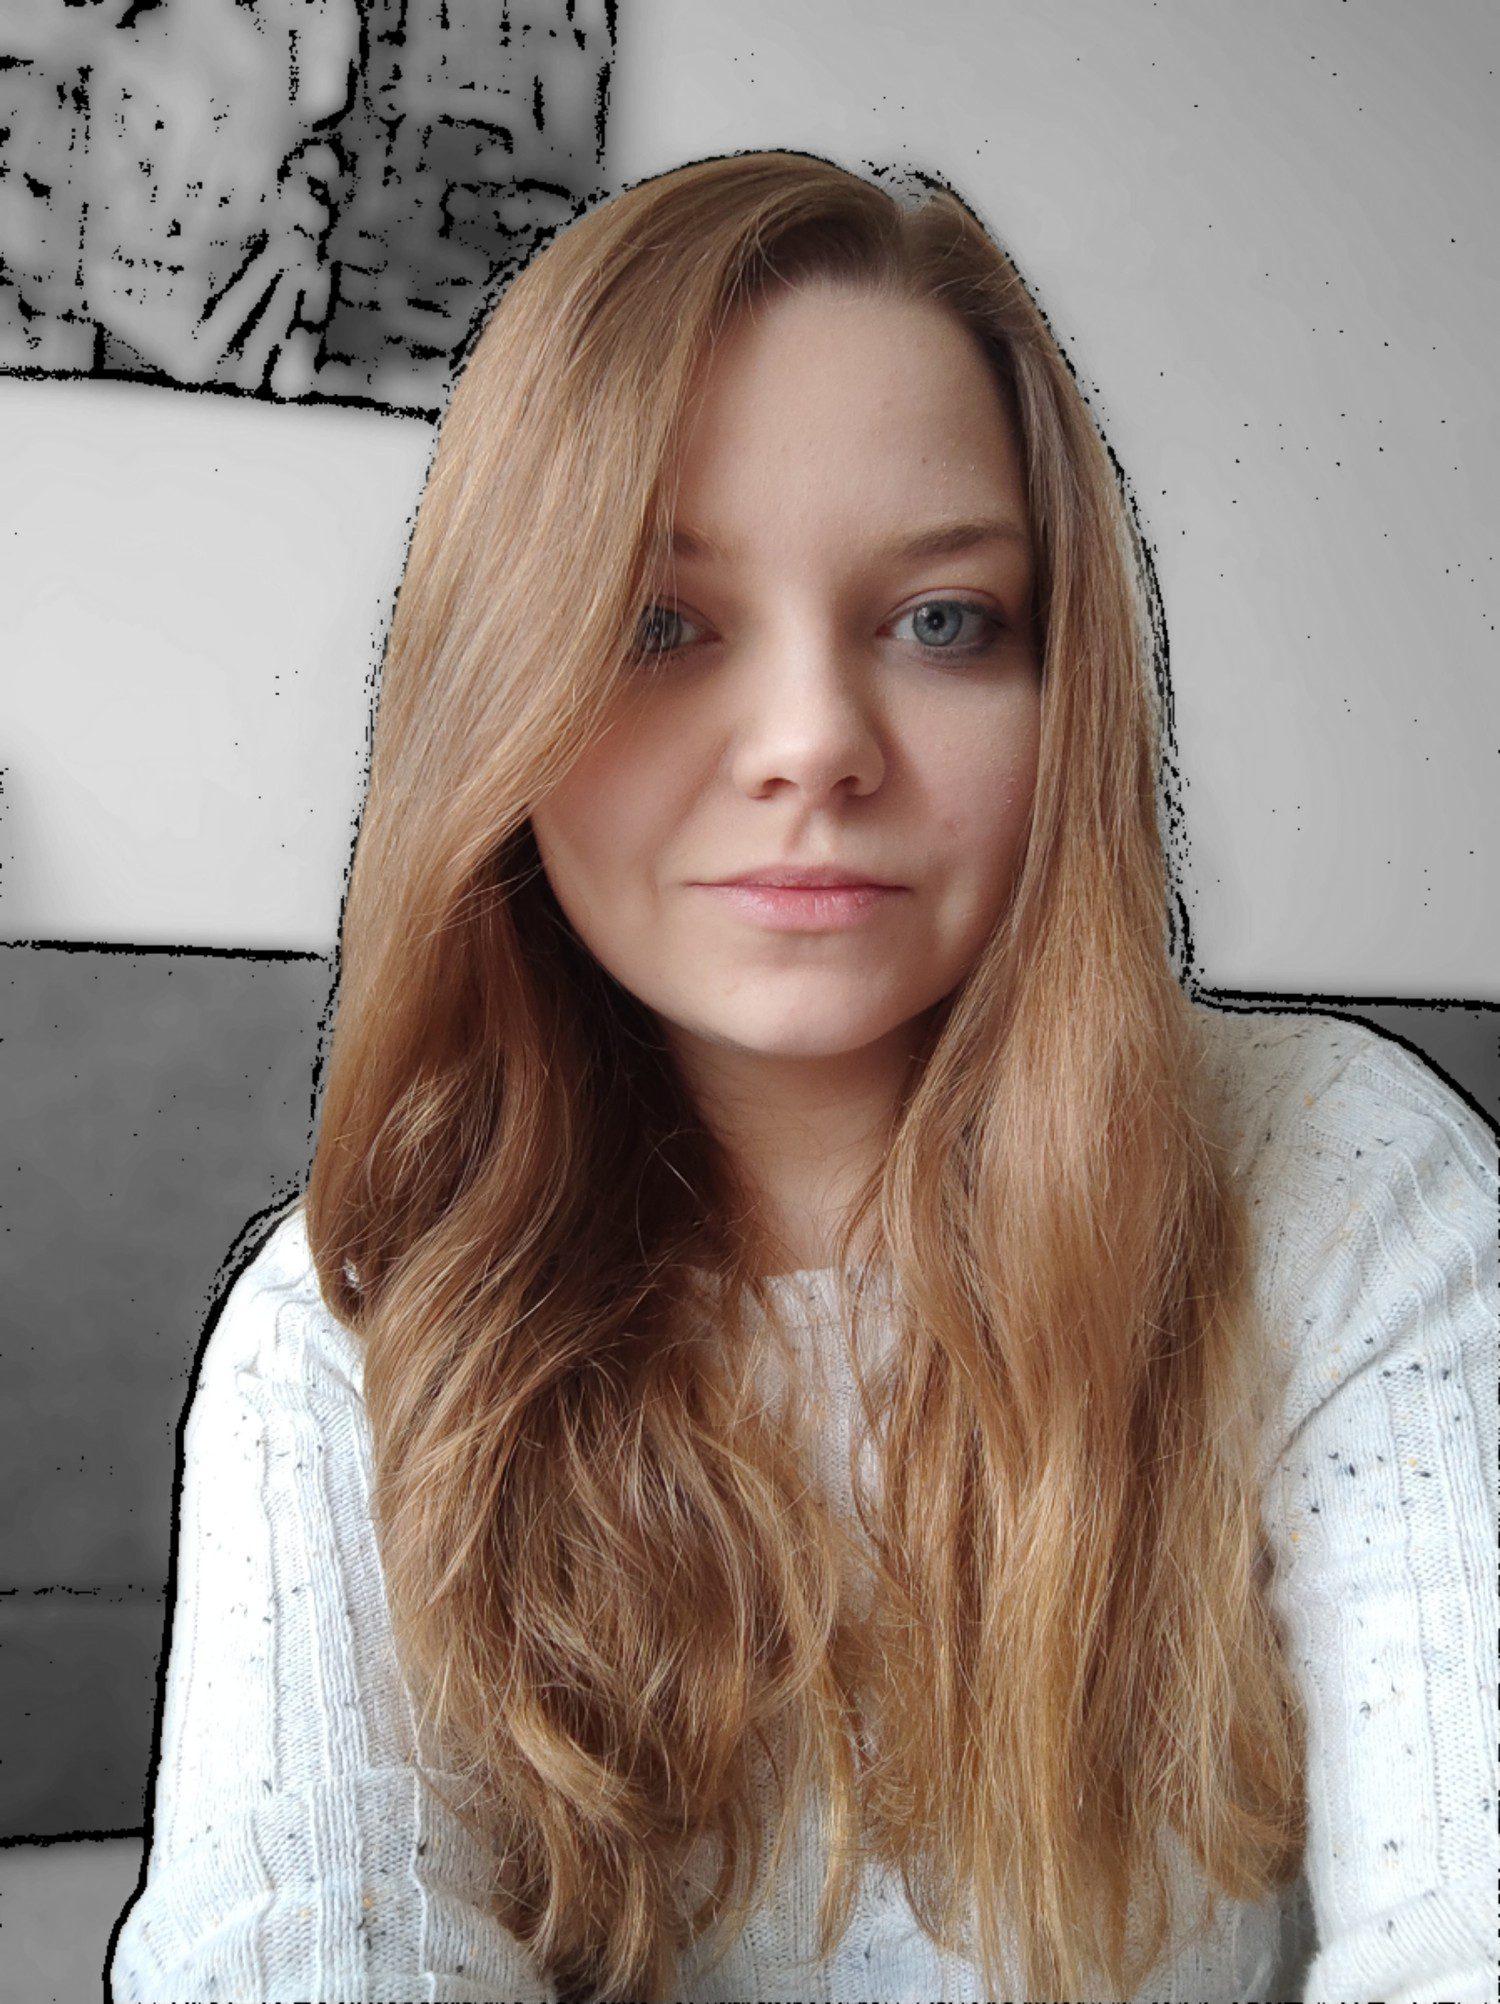 selfie z funkcją sztuka w Mi 11